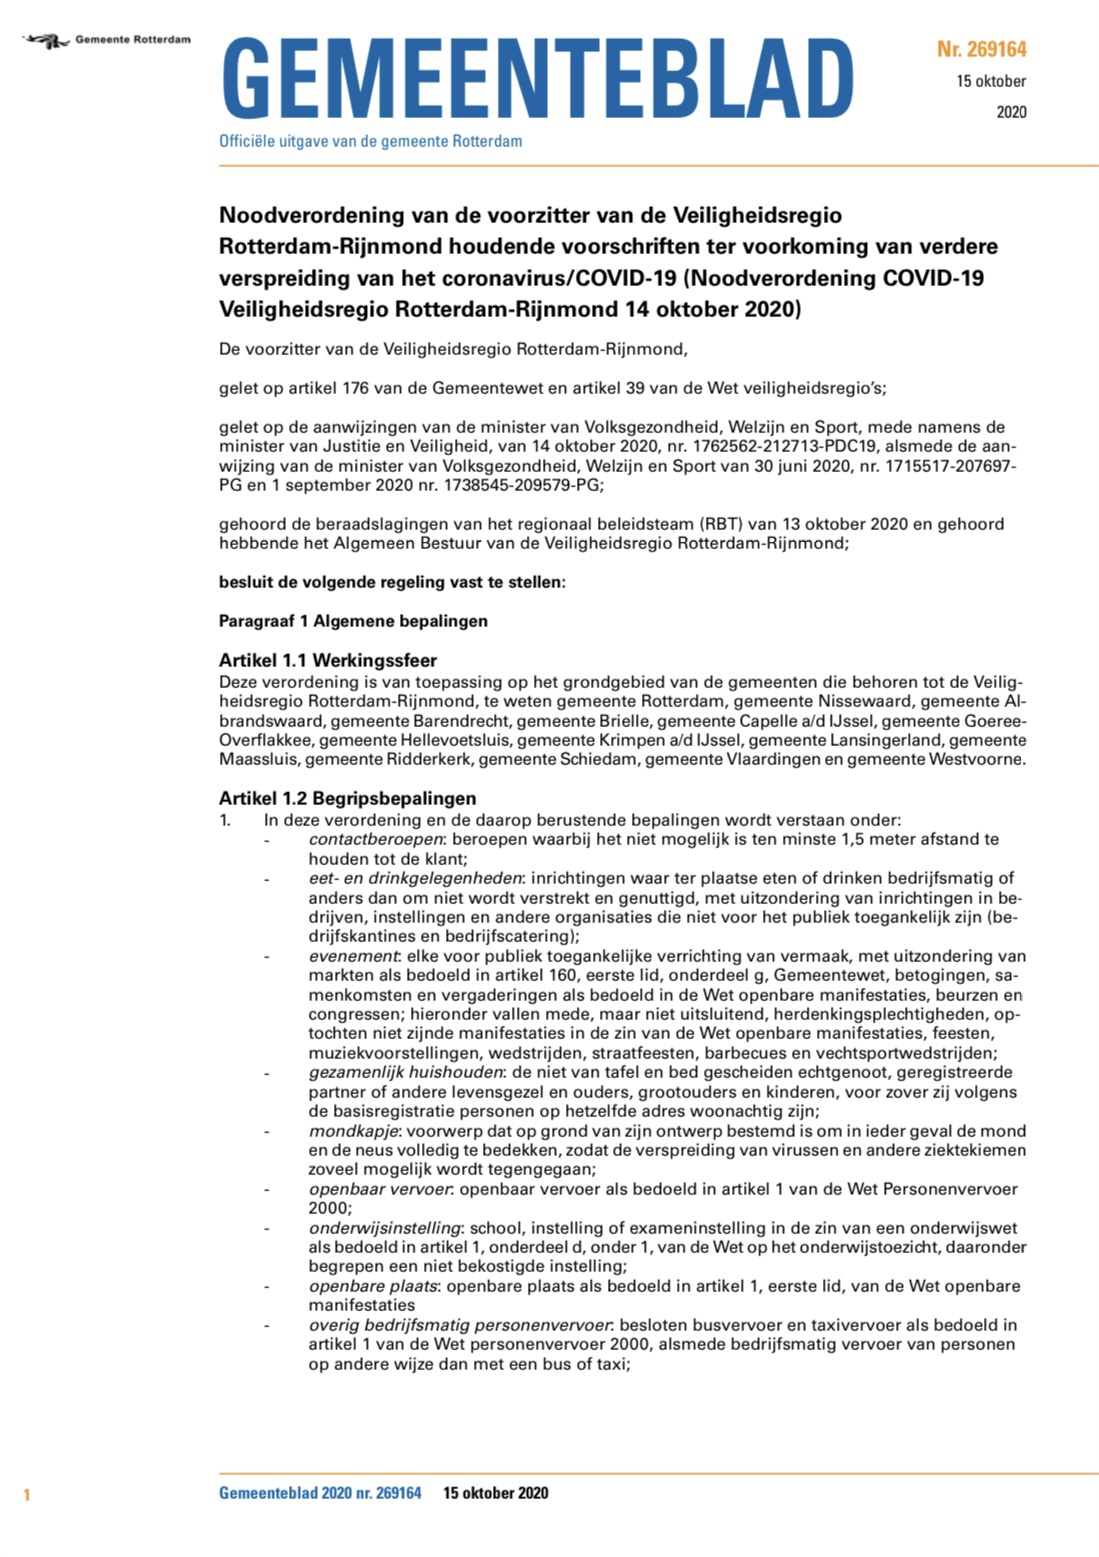 Noodverordening van de voorzitter van de Veiligheidsregio Rotterdam-Rijnmond houdende voorschriften ter voorkoming van verdere verspreiding van het coronavirus/COVID-19 (Noodverordening COVID-19 Veiligheidsregio Rotterdam-Rijnmond 14 oktober 2020)